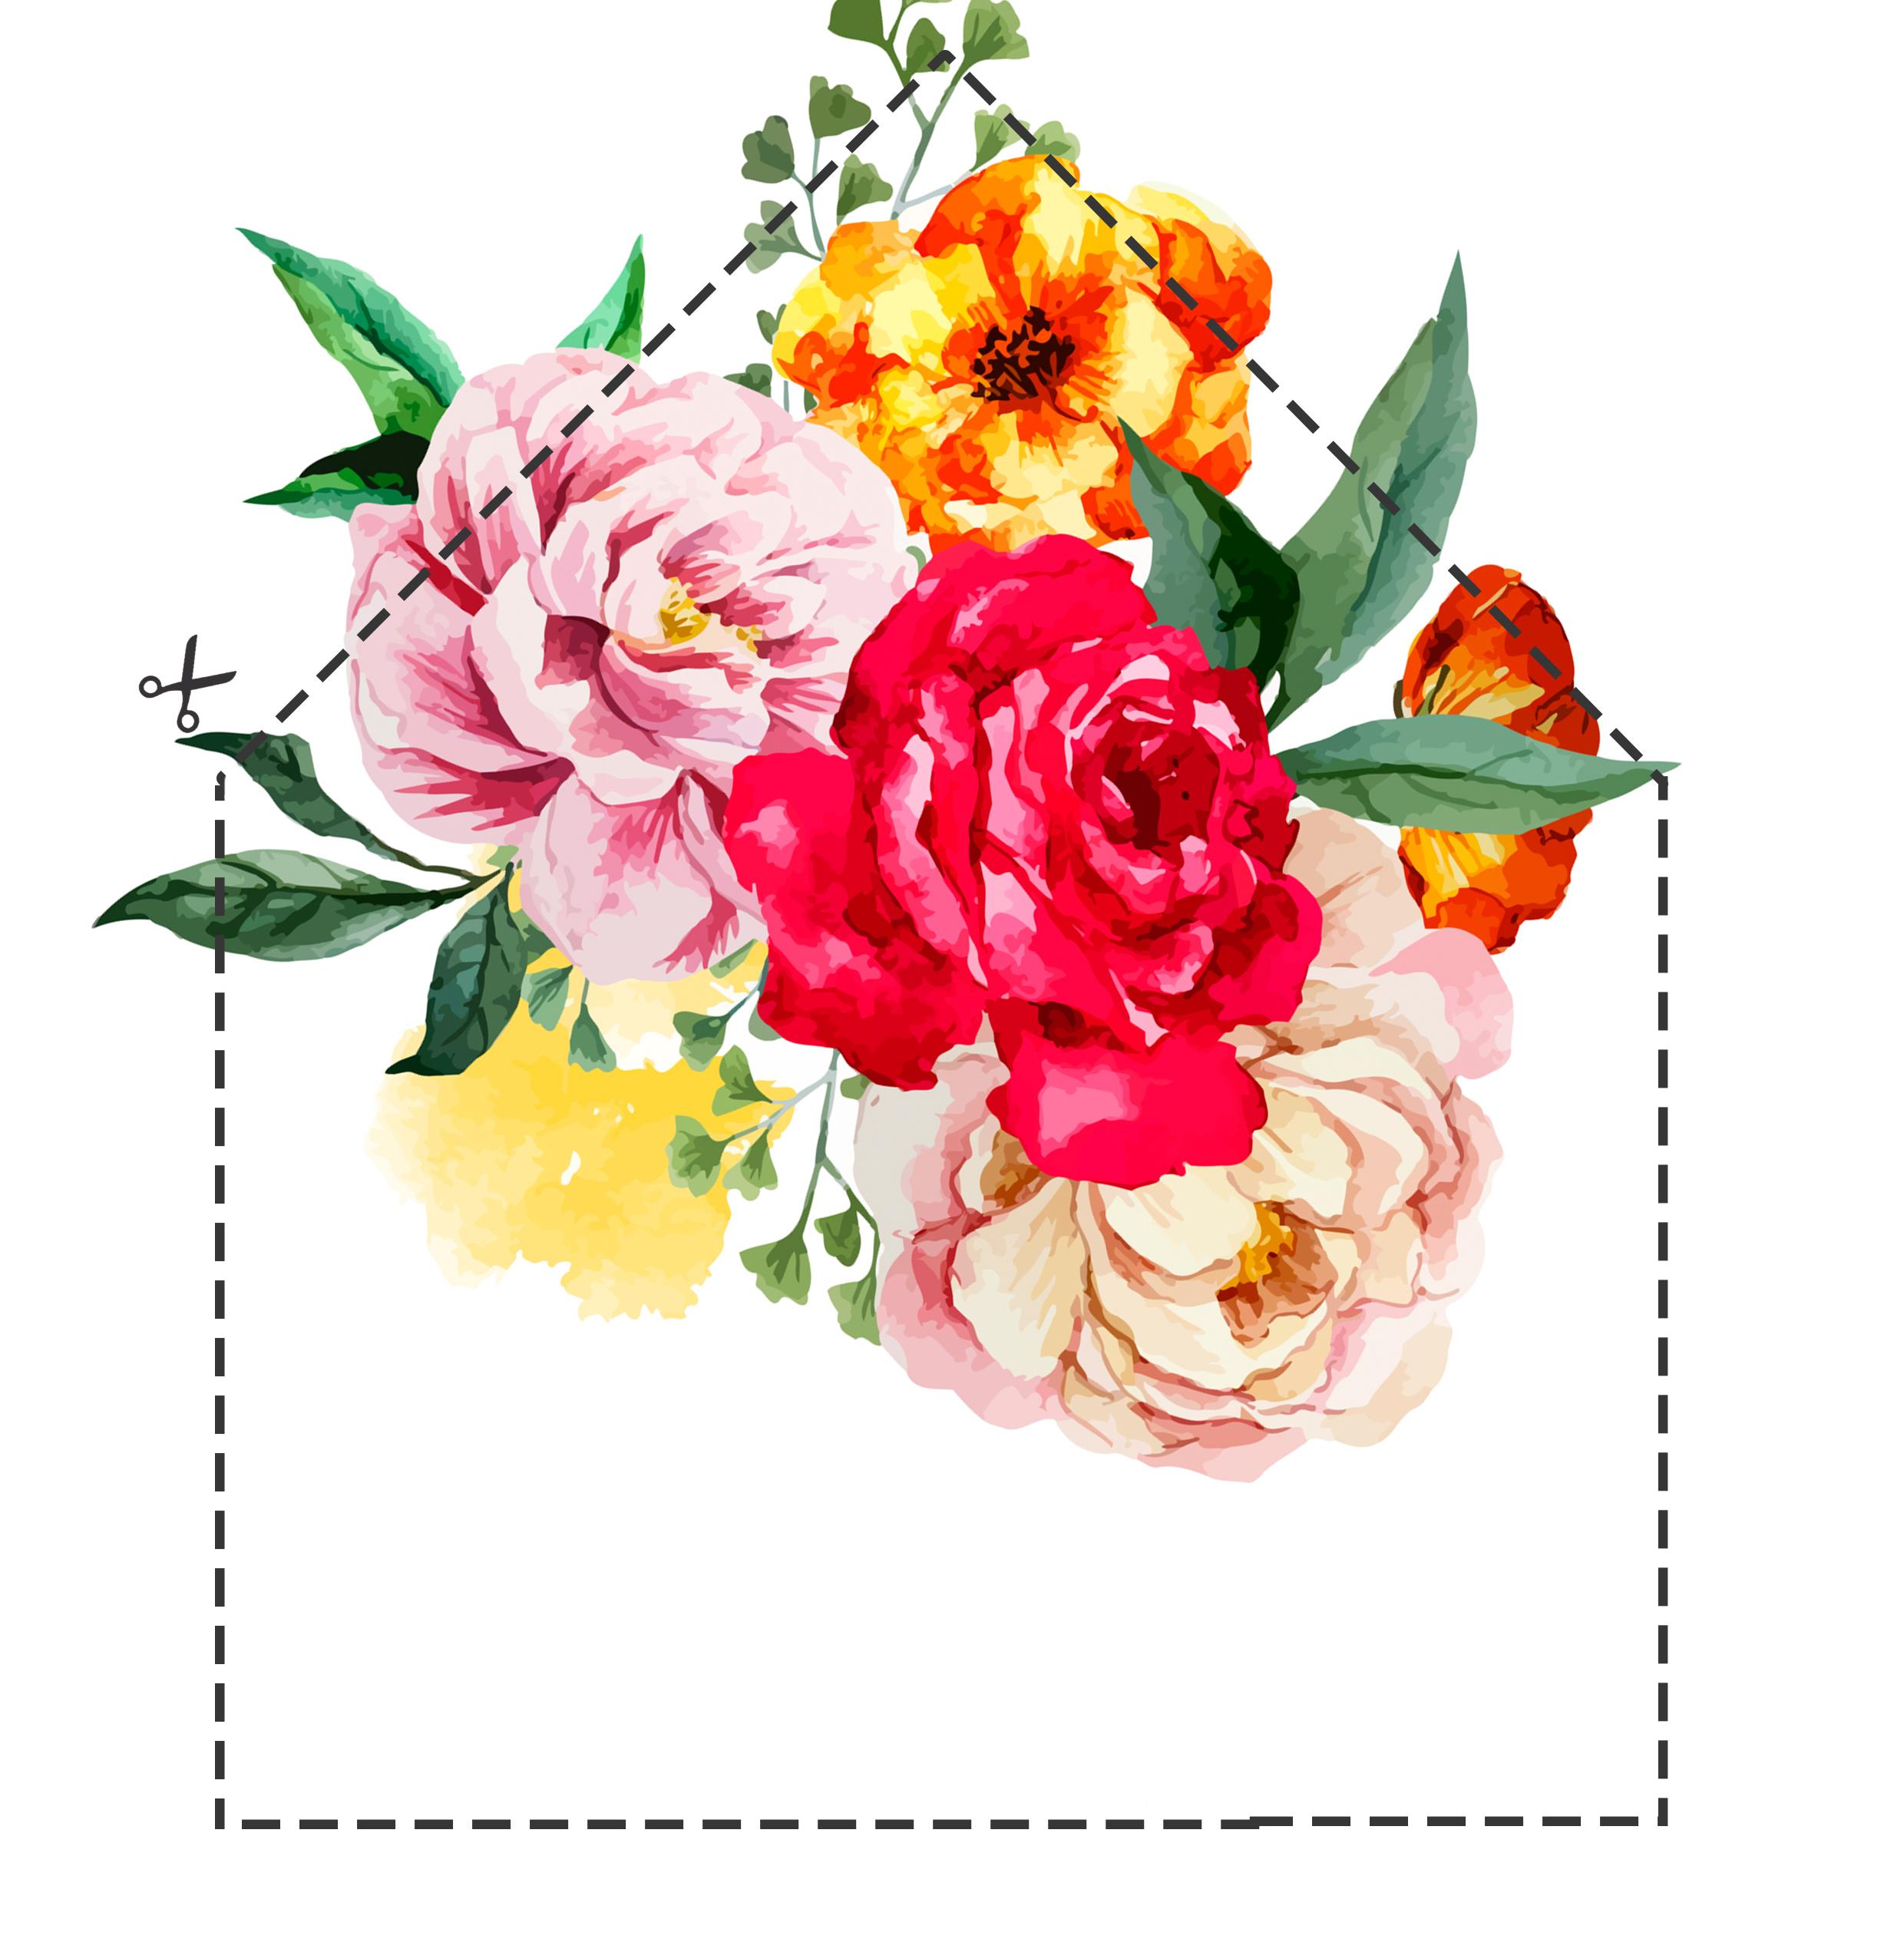 šablóna-vložka-do-obálky-na-stiahnutie-kvety-pivónie